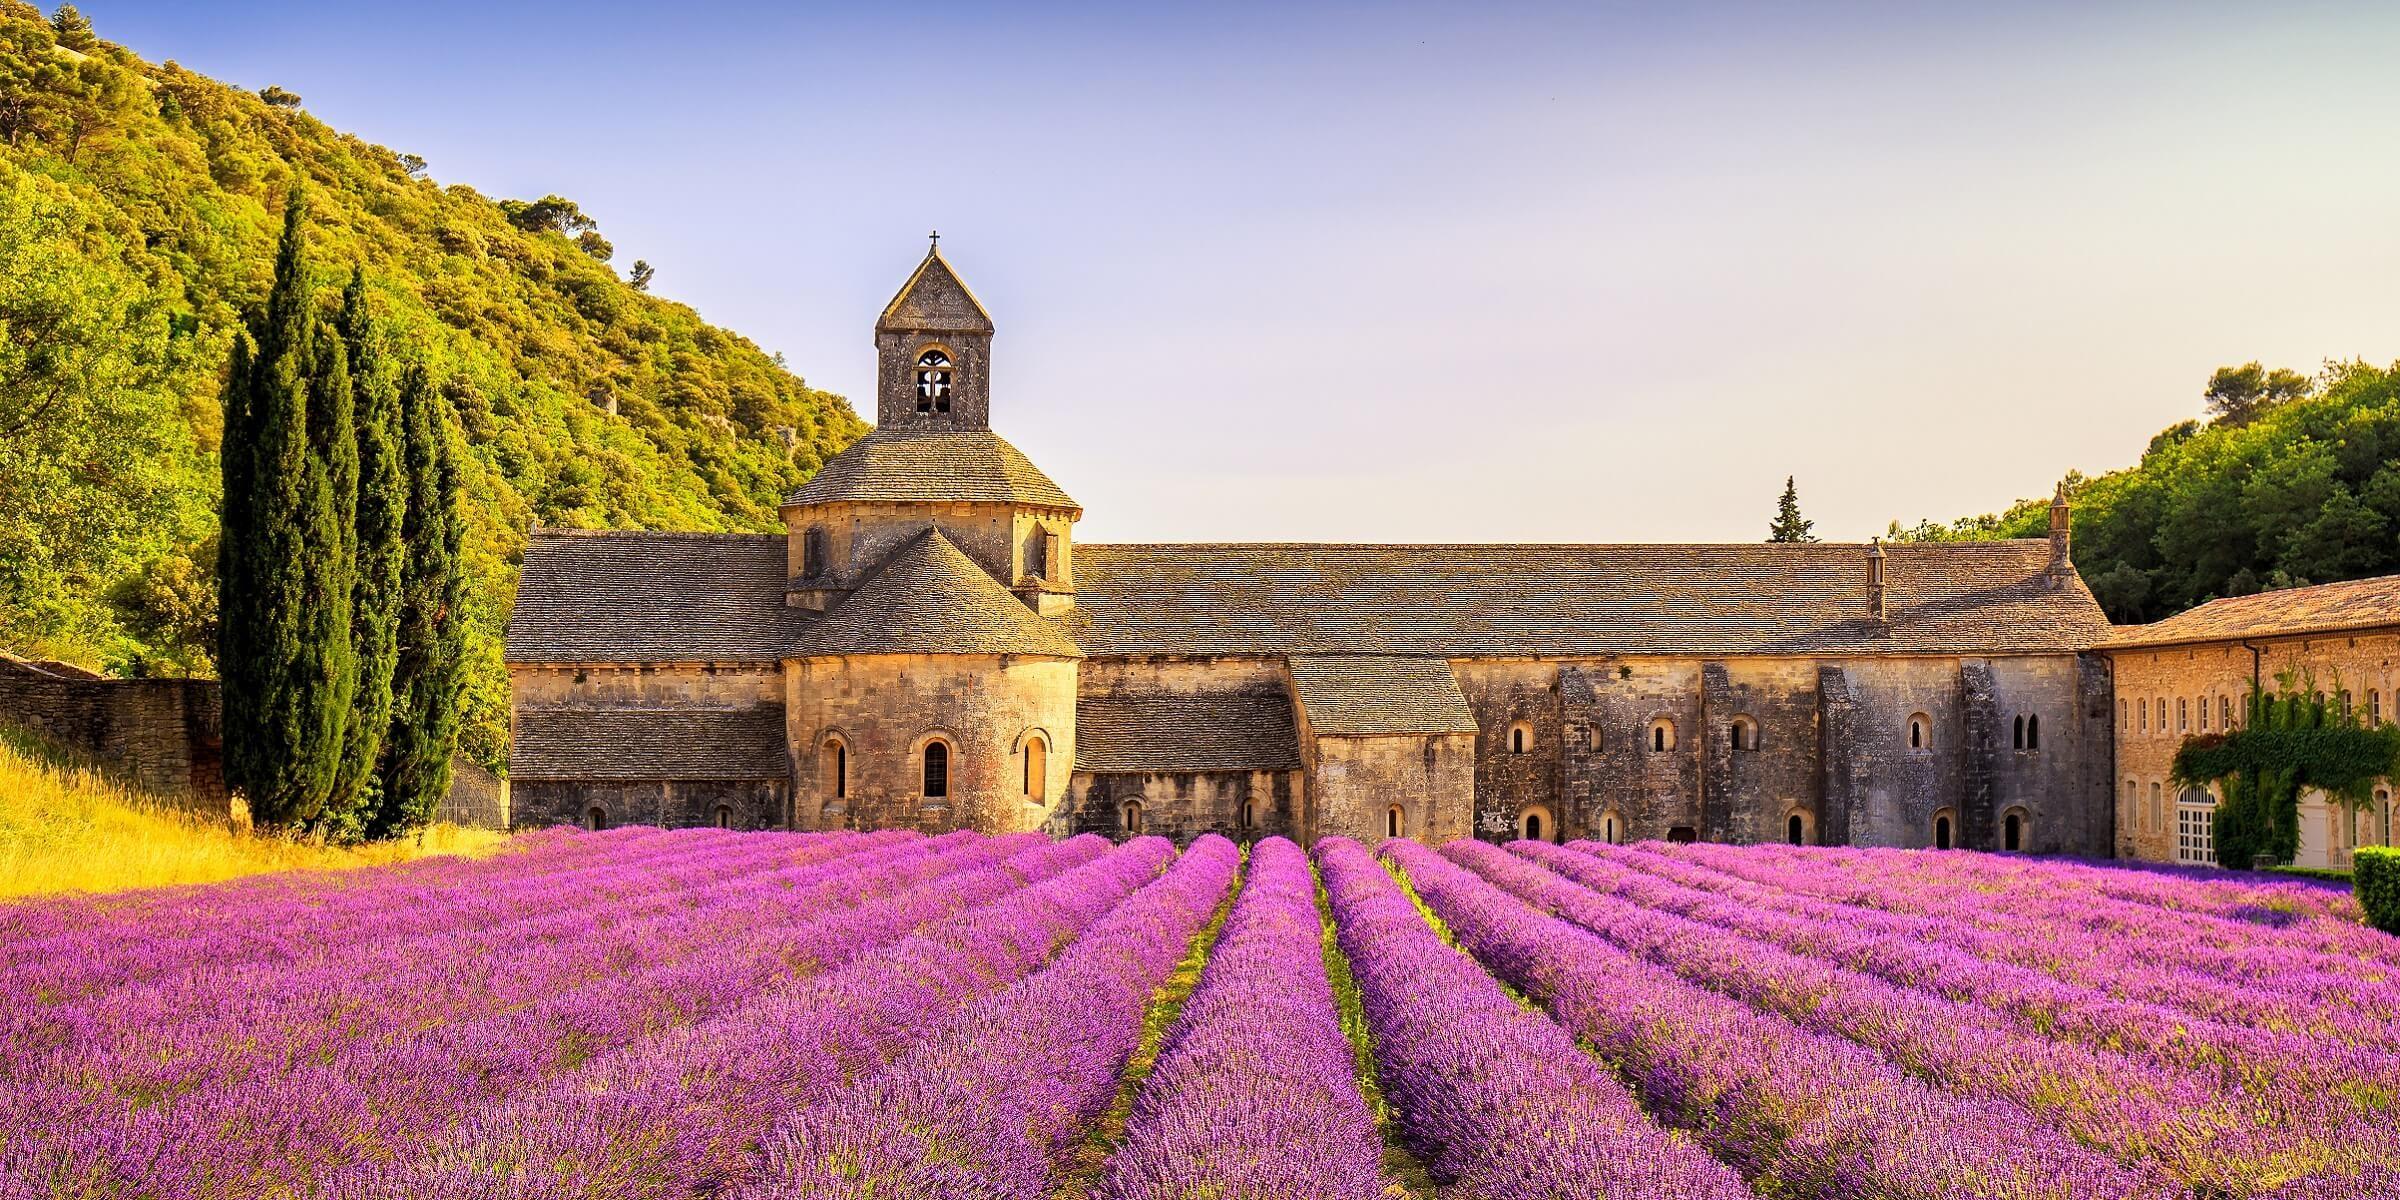 Das Kloster von Senanque mit typischem Lavendelfeld im Vordergrund